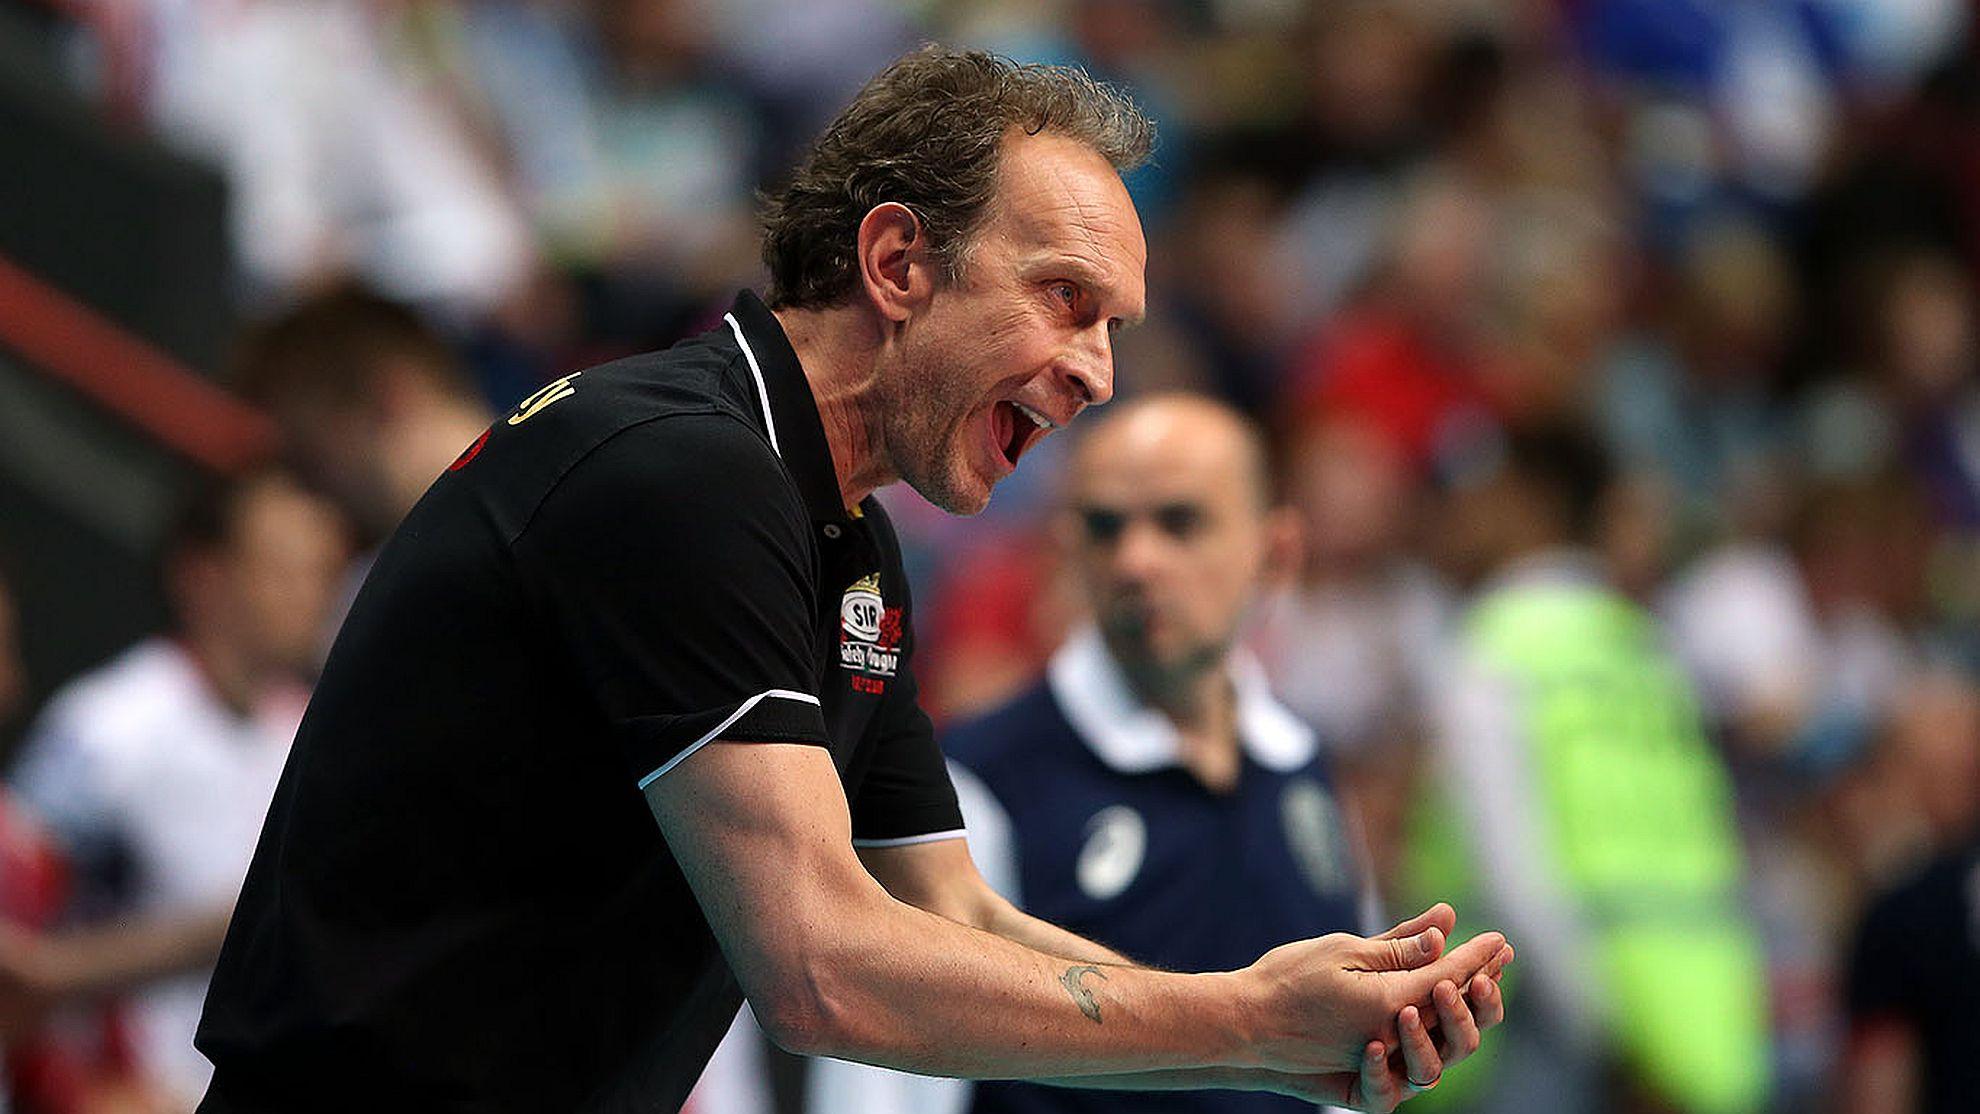 Perugia-Coach Bernardi beim Champions League-Final4 2018 - FOTO © CEV